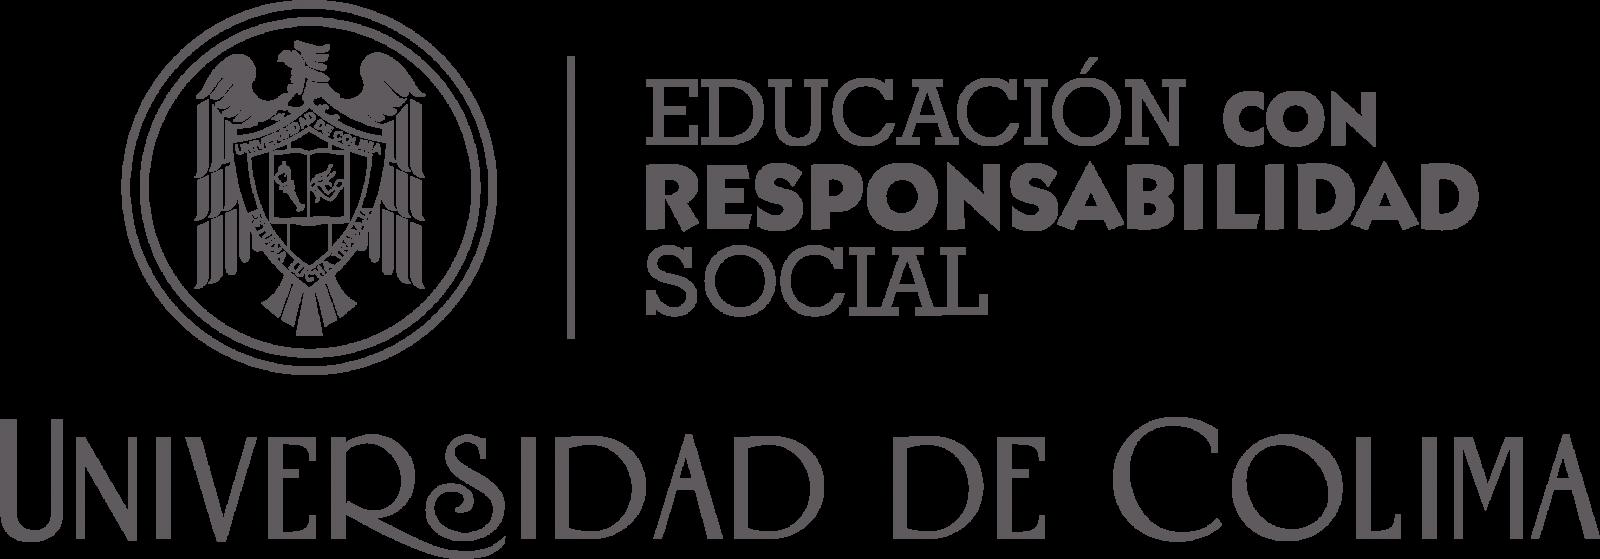 Logotipo de la Universidad de Colima